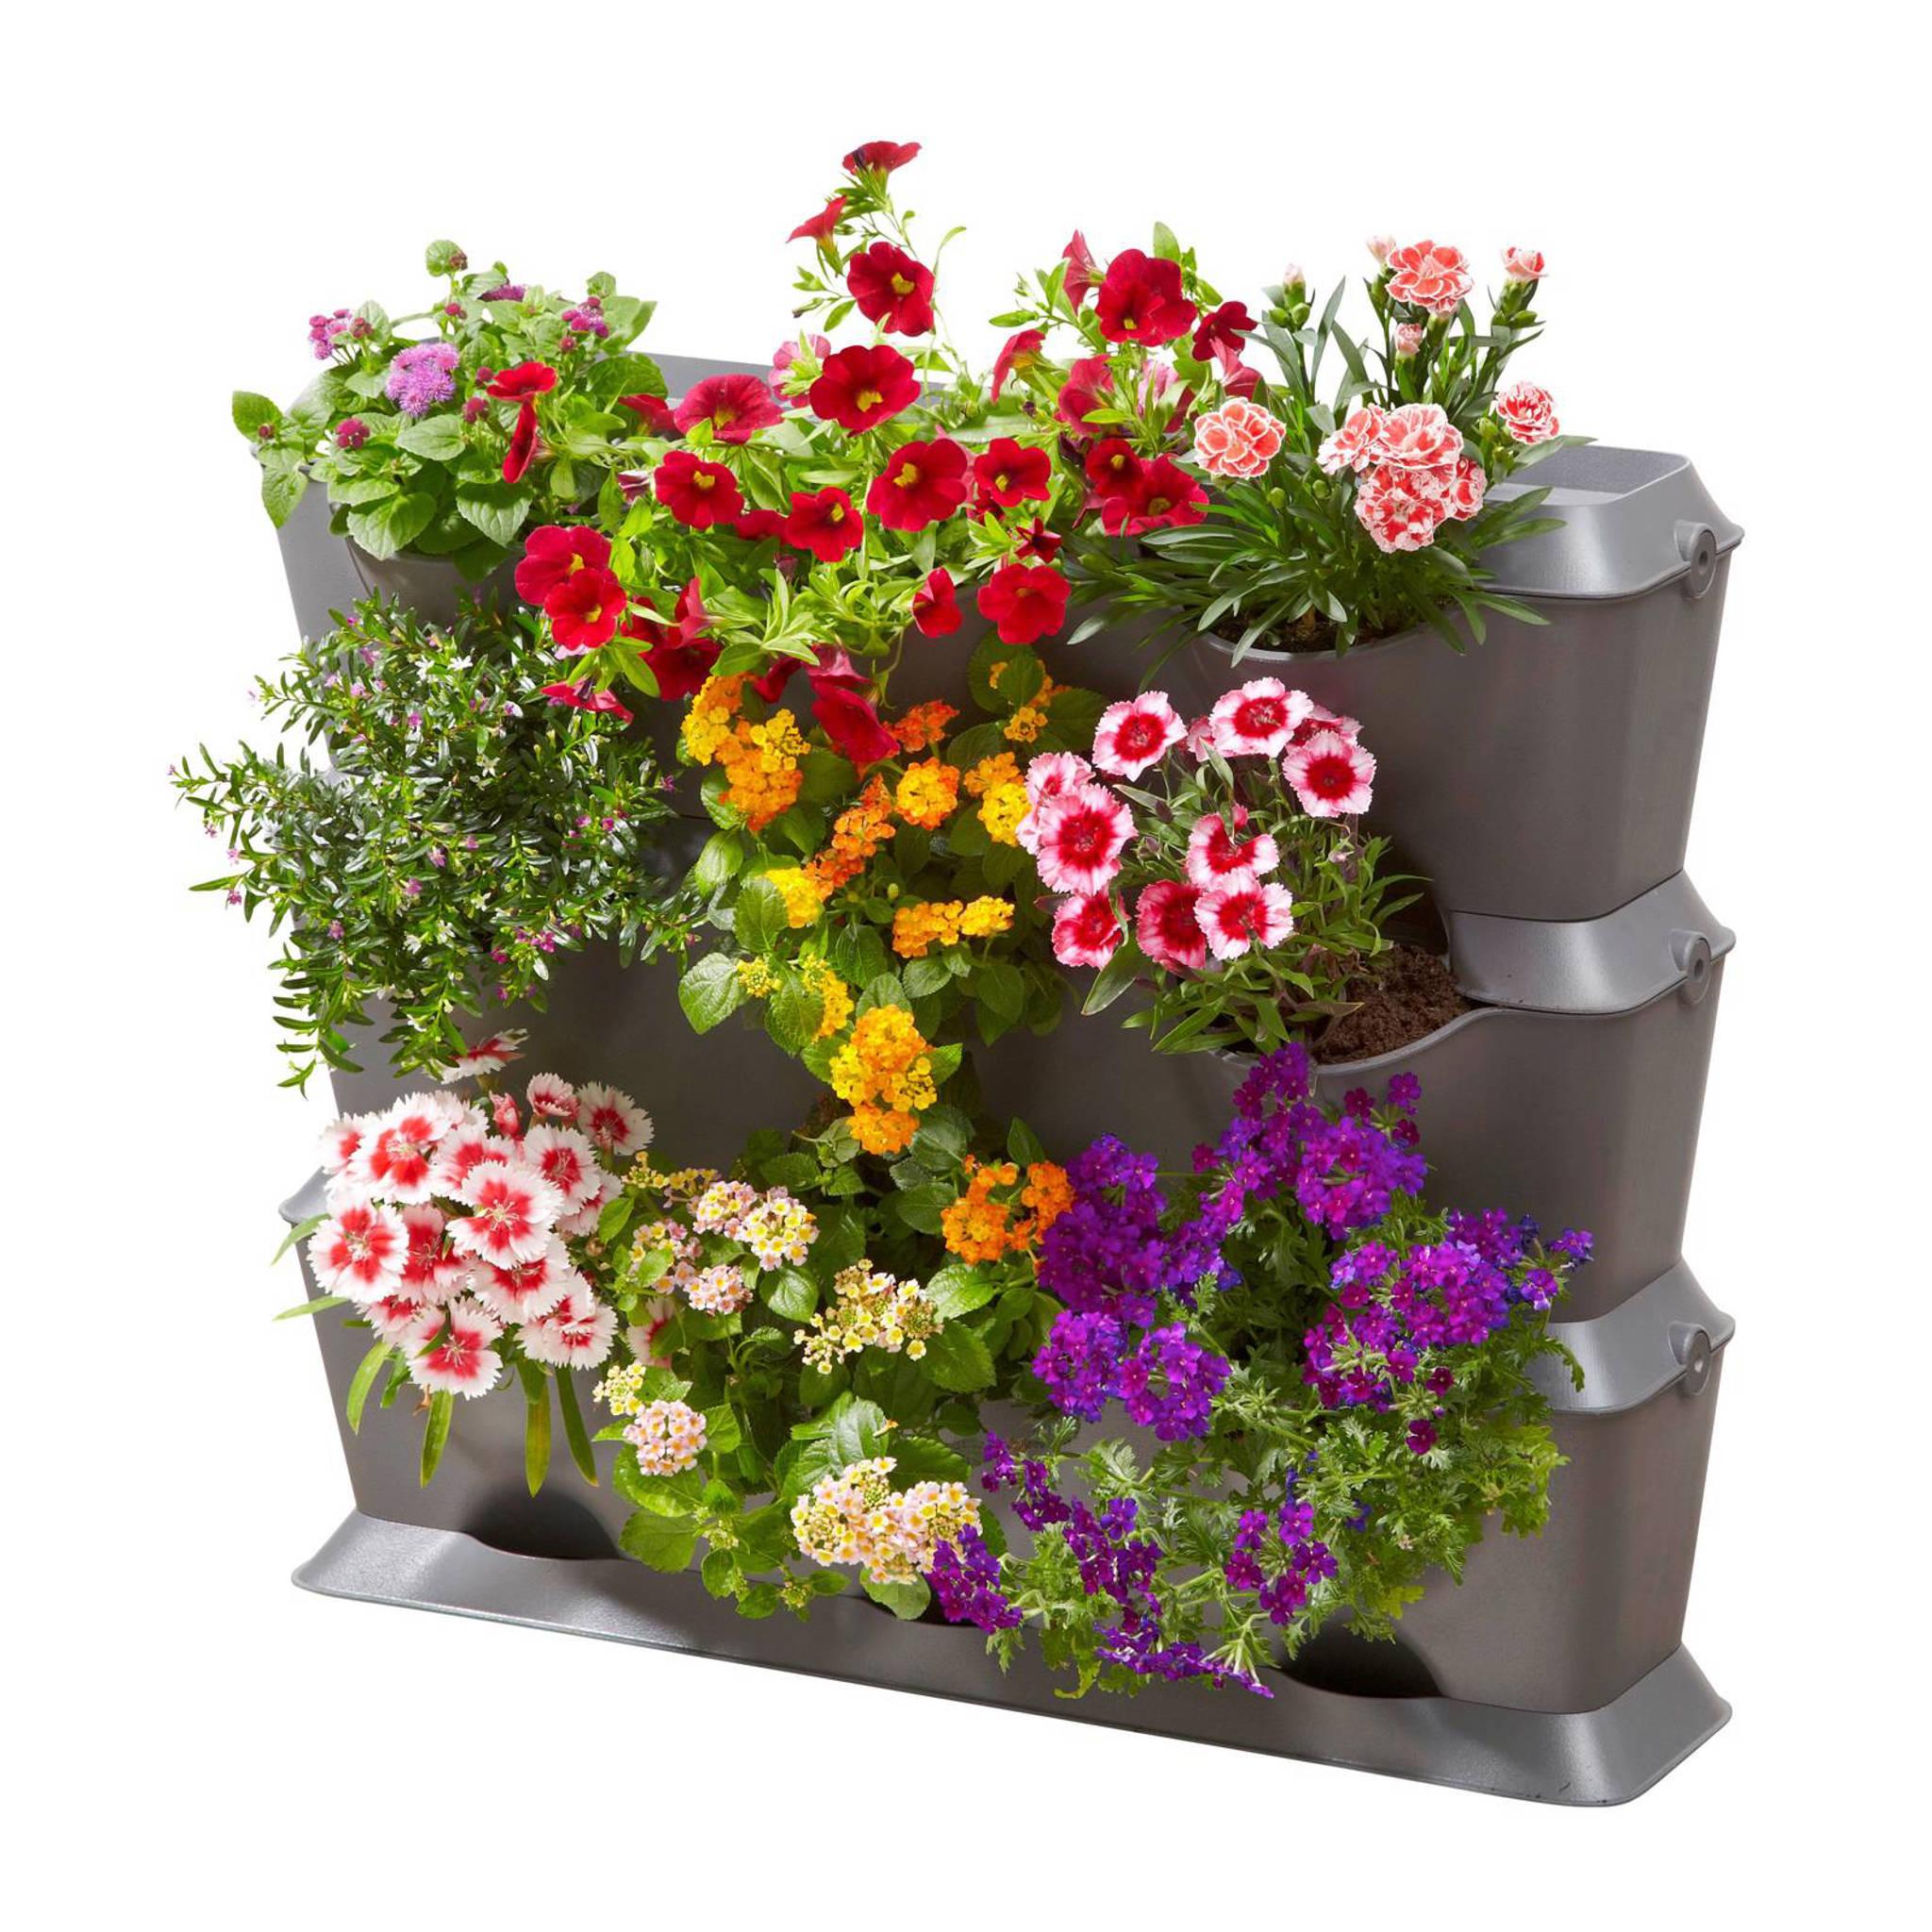 gardena verticale plantenbak recht grijs